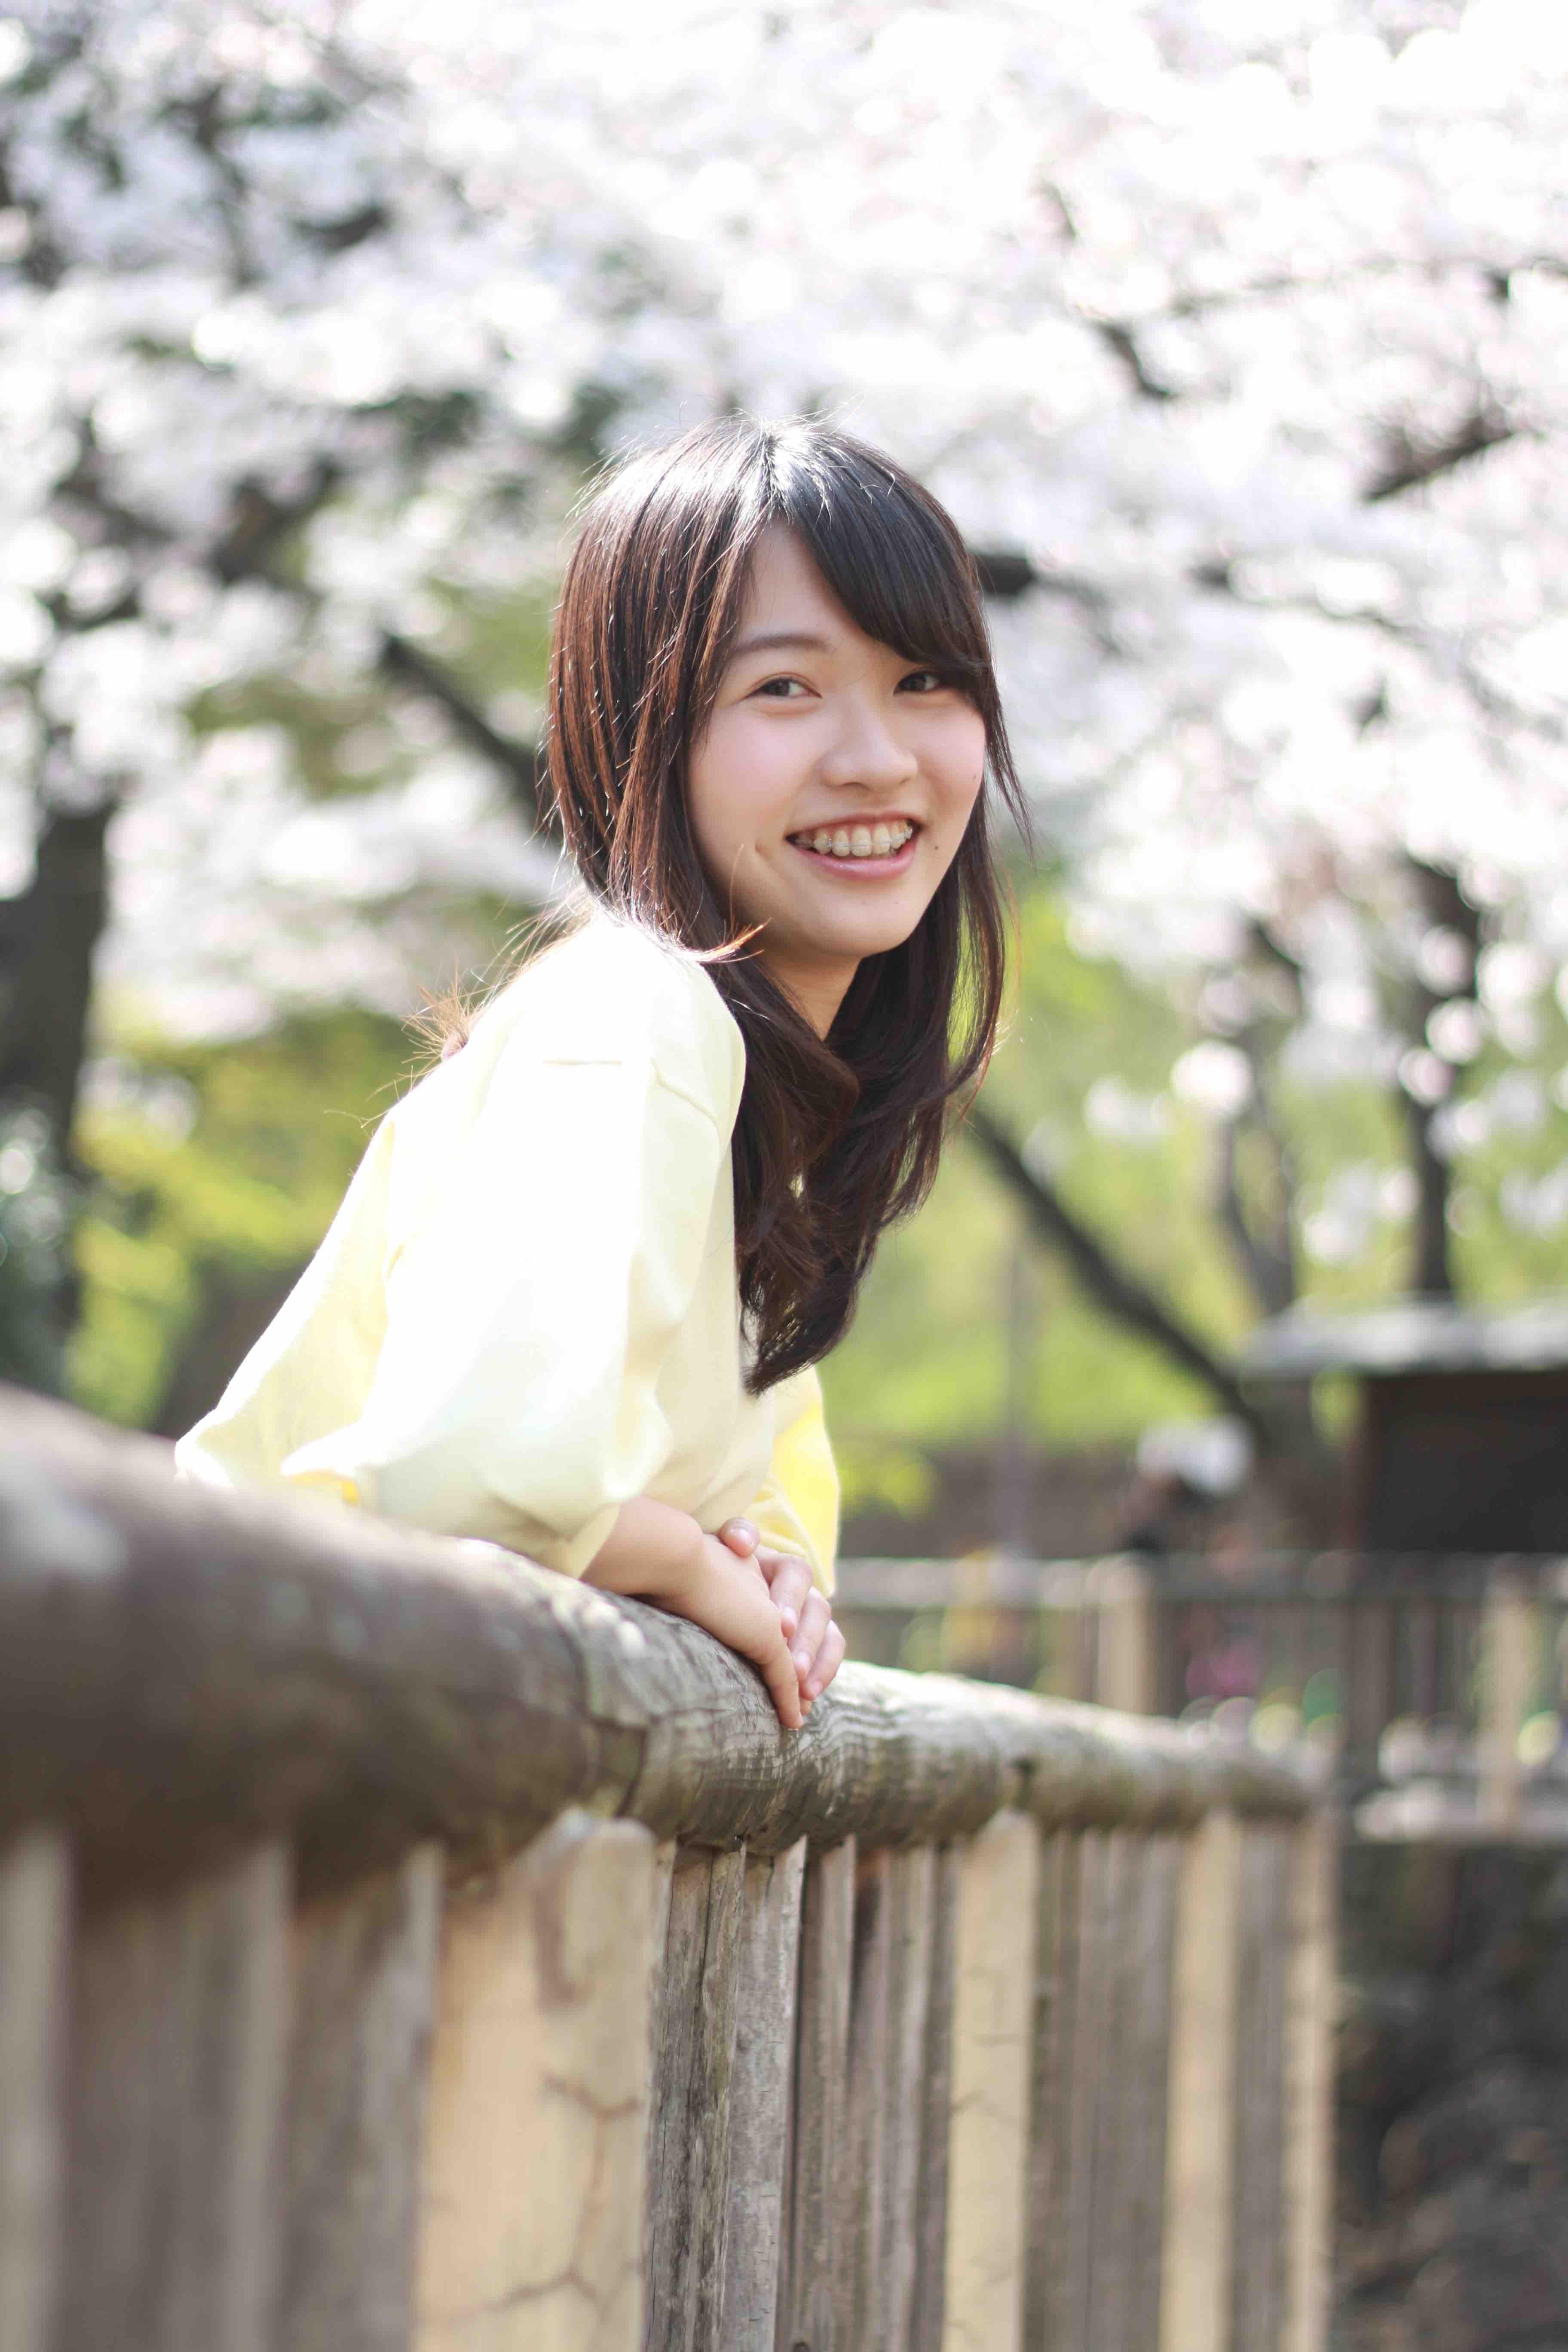 goukaku-suppli_2015-11-16_10-12-02.jpg